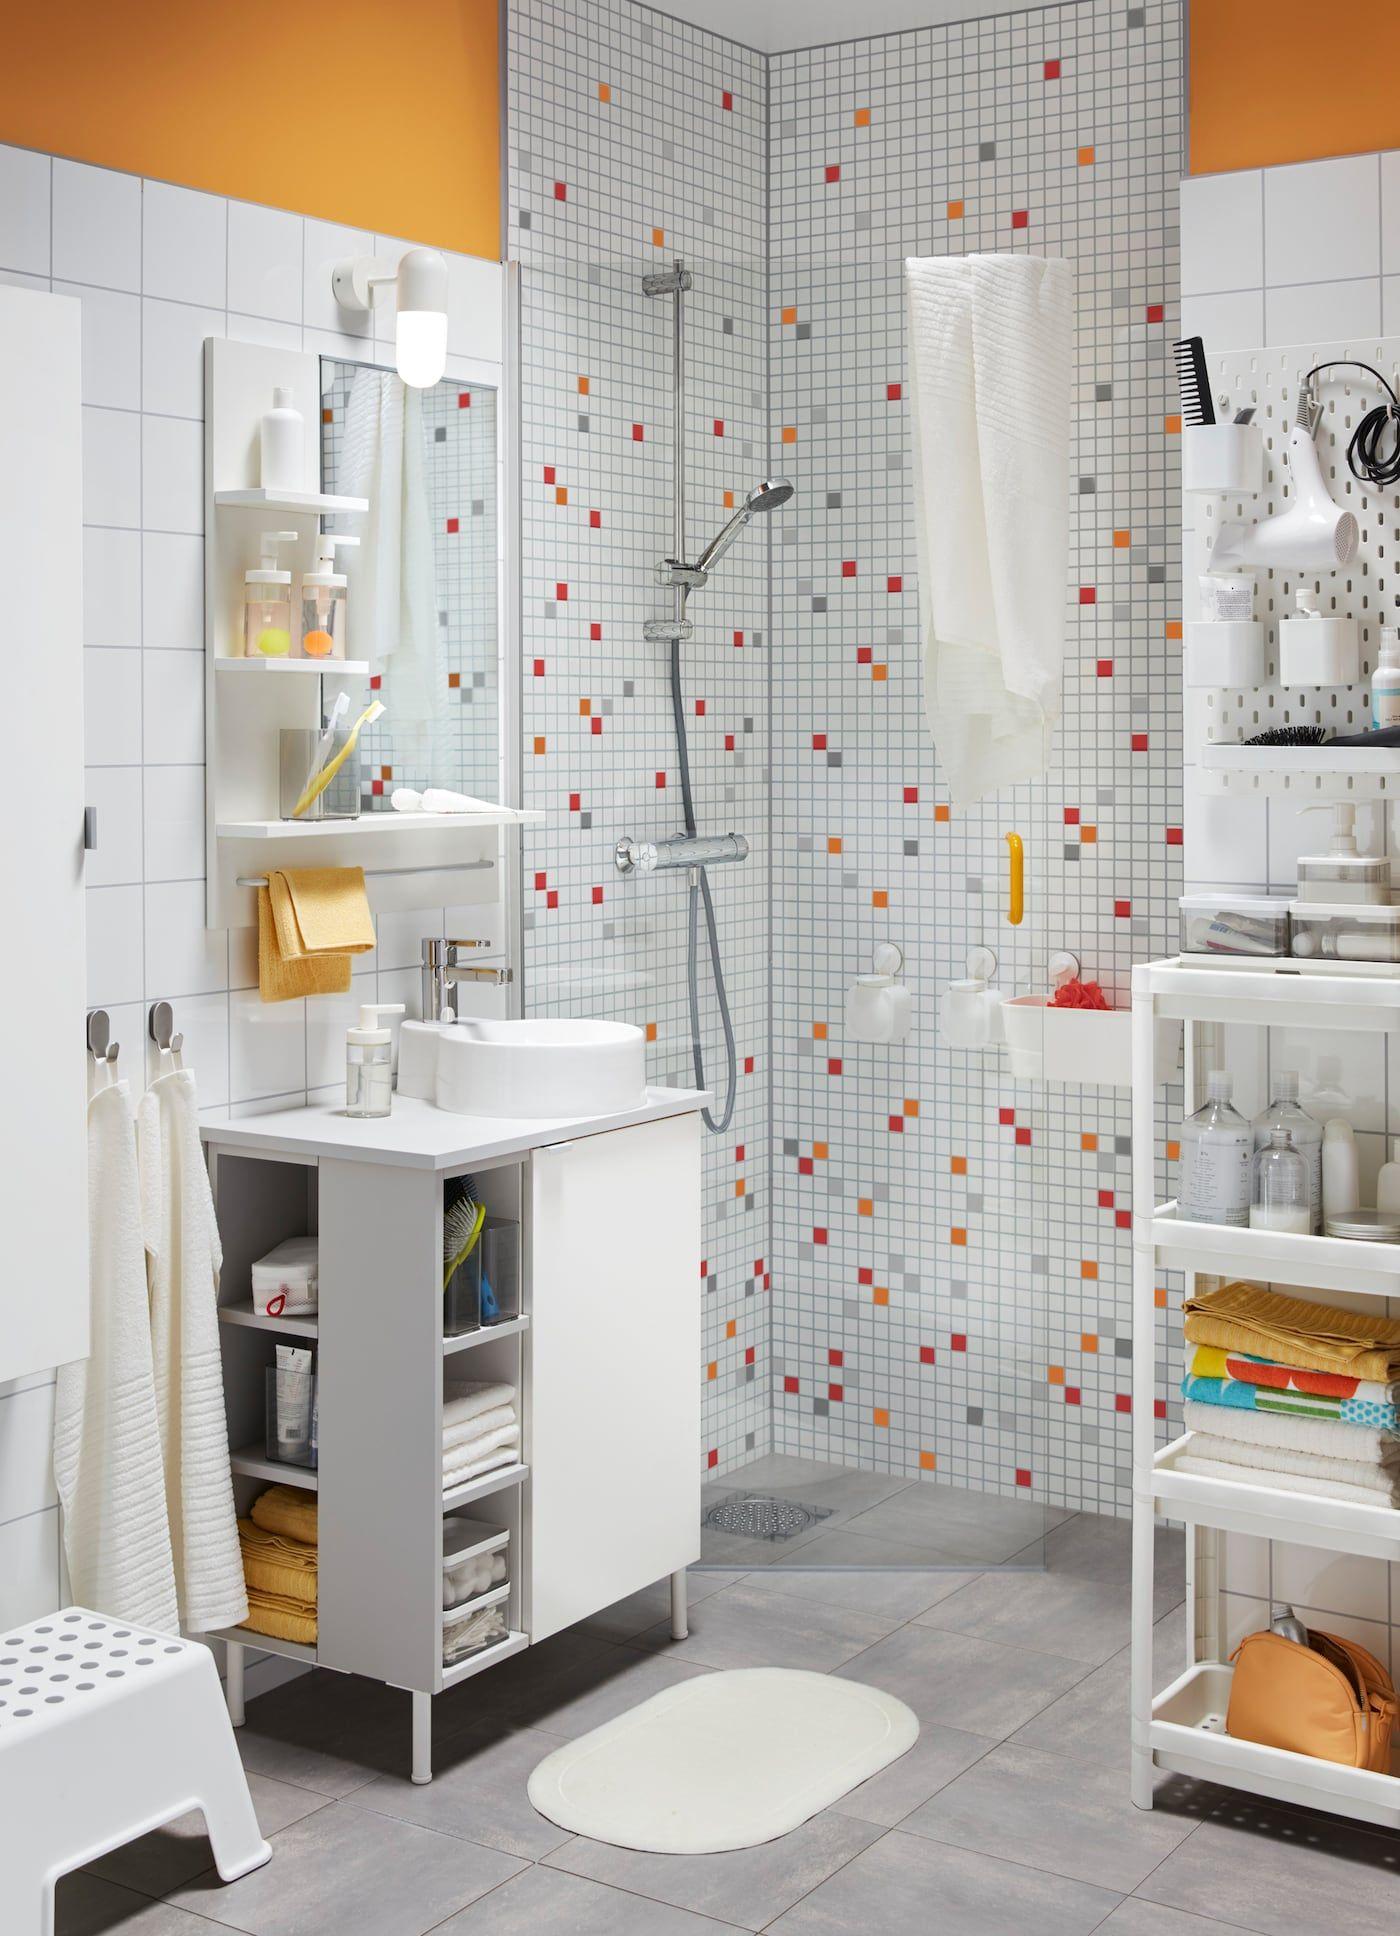 Inspiration Fur Ein Kleines Badezimmer Kleines Bad Grundriss Ikea Badezimmer Kind Badezimmer